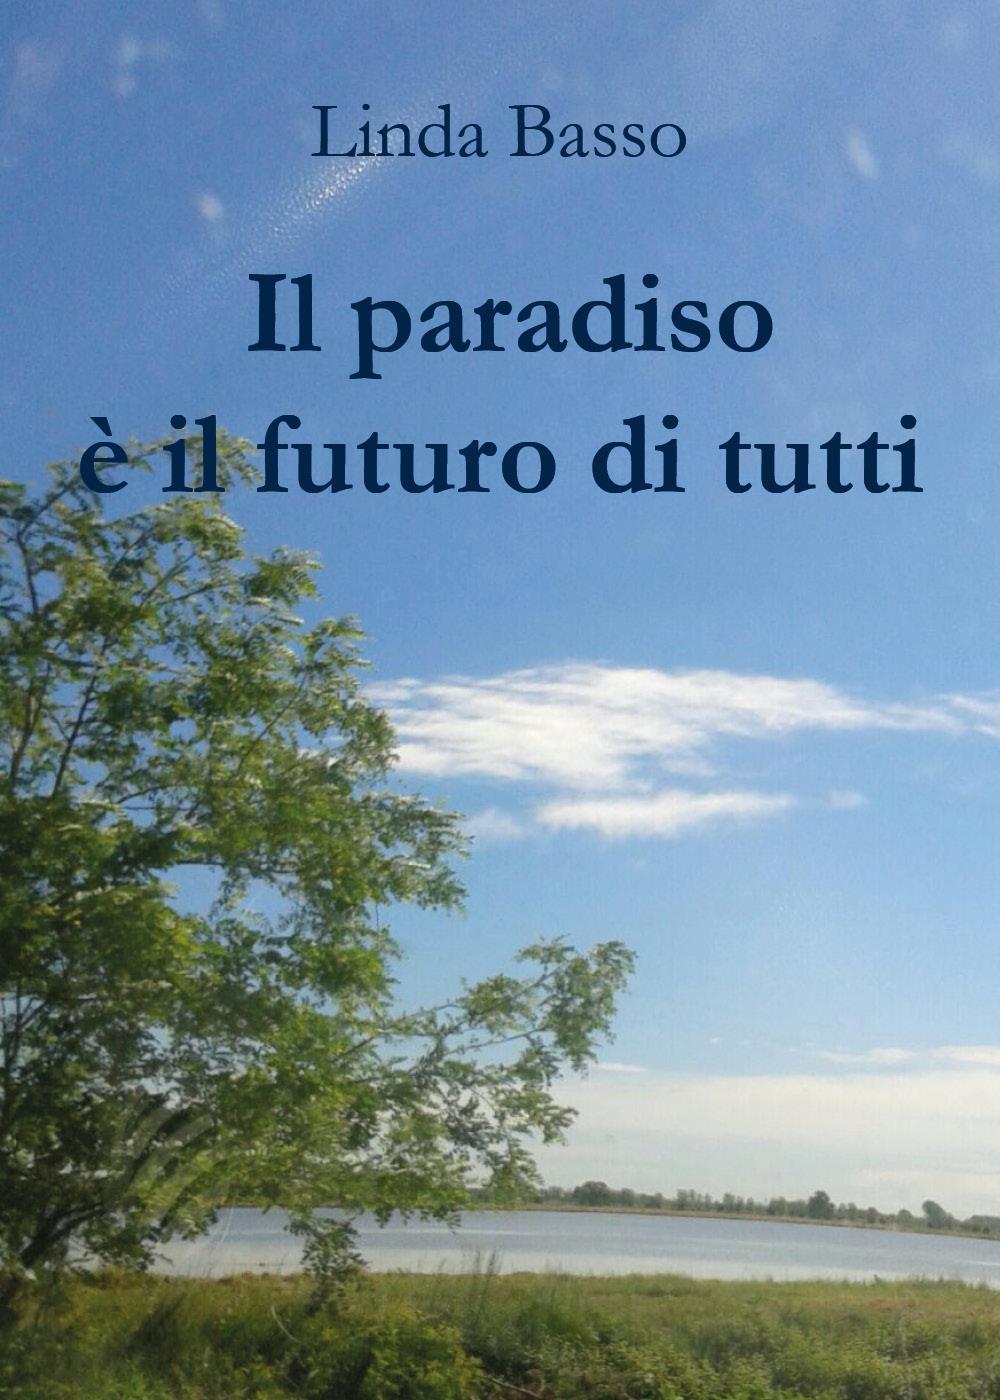 Il paradiso è il futuro di tutti